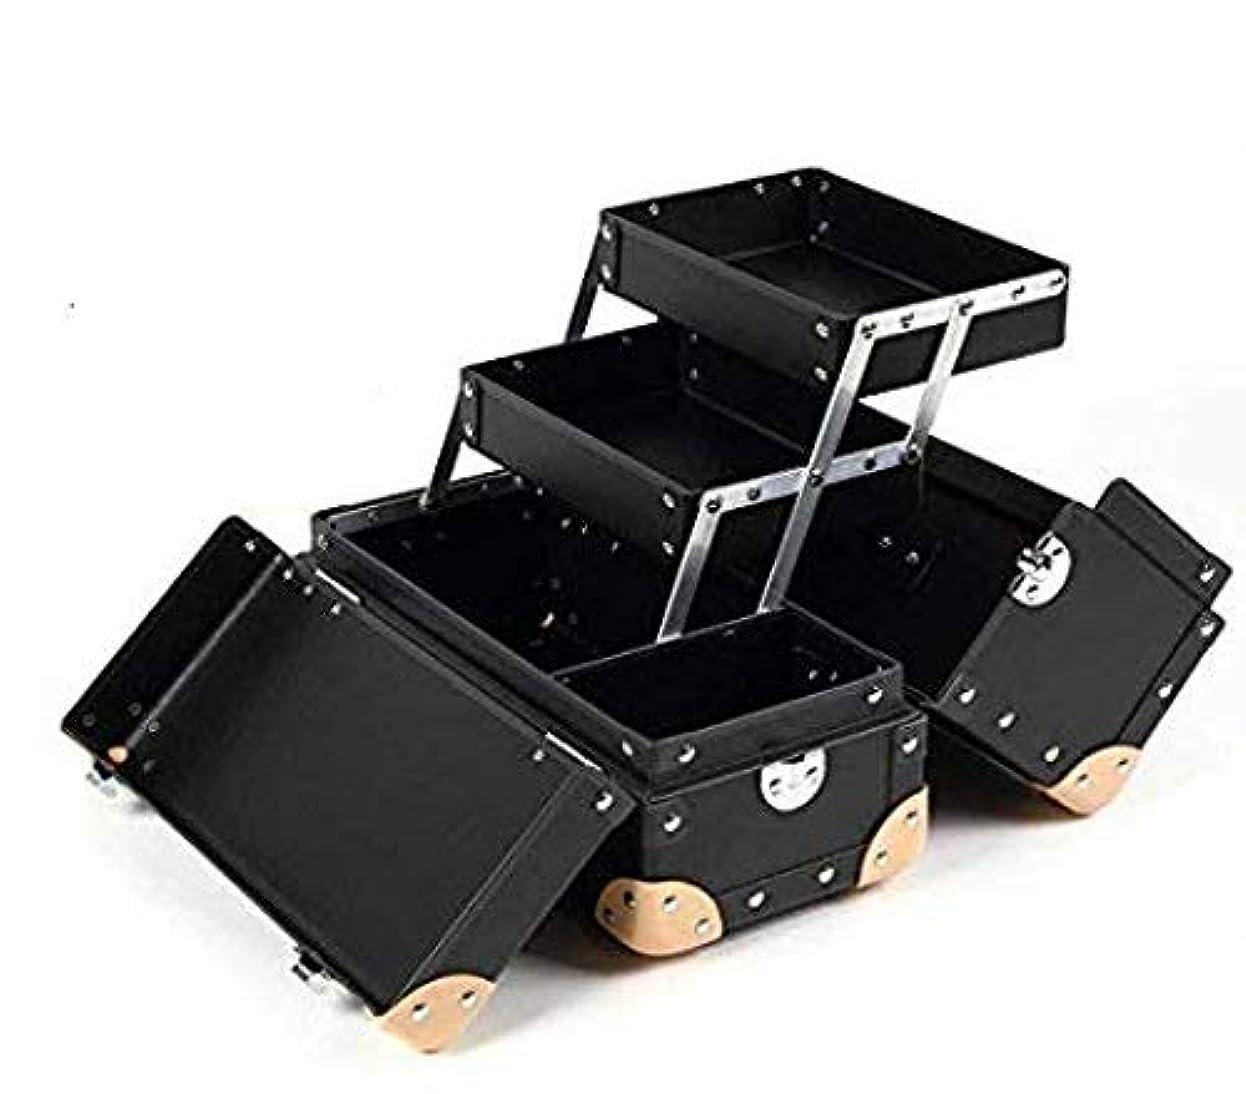 メイクボックス コスメボックス Mサイズ プロ用 [ ツール 収納 軽量 大容量] 日本製 職人手作り 【ヴォヤージュデザイン 全7色】 グラスマーブル正規品(VM ブラック)